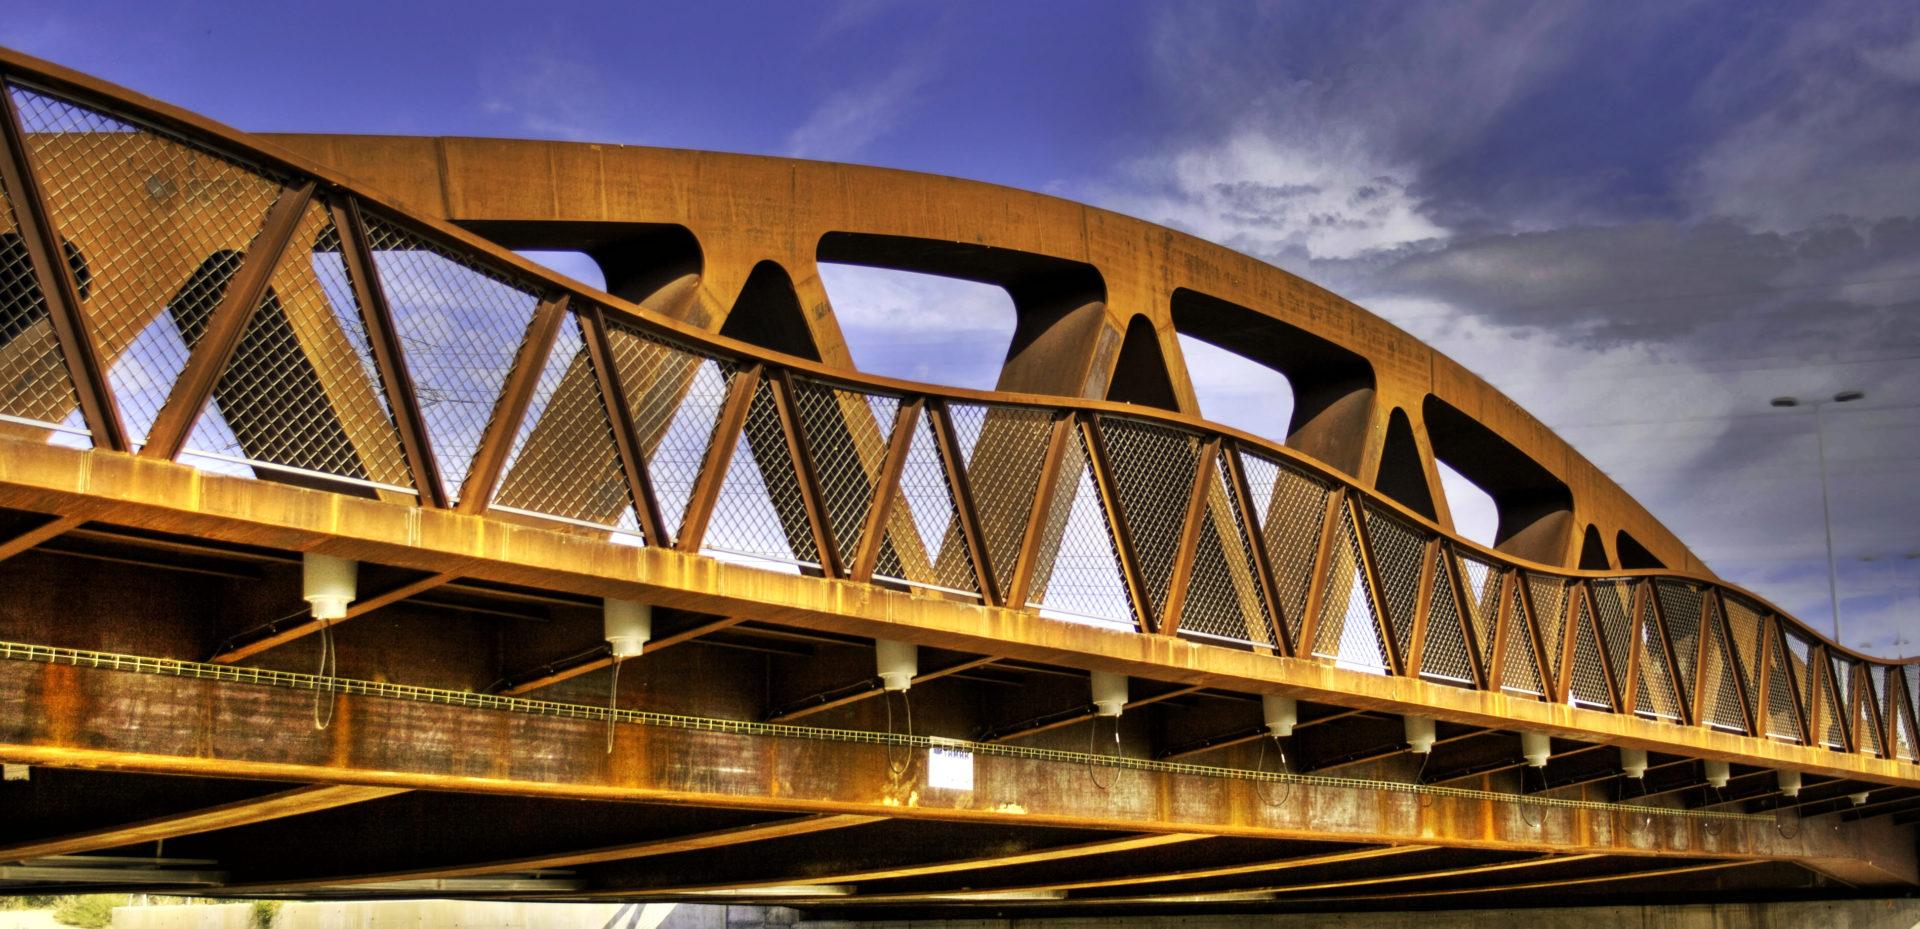 Puente sangonera 1